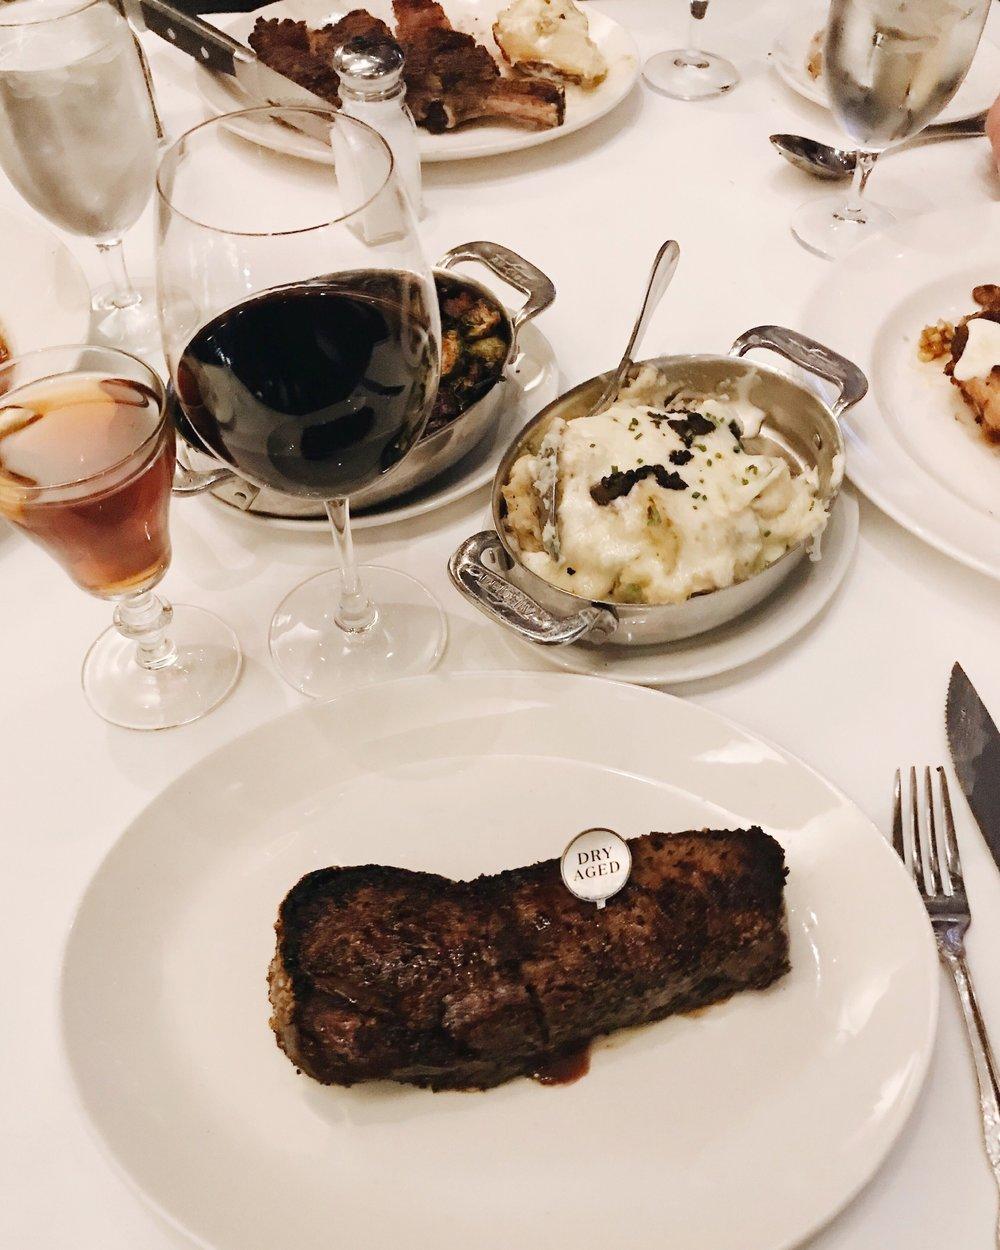 Del Frisco's Double Eagle Steak House / # DelsDryAged / Content Creation